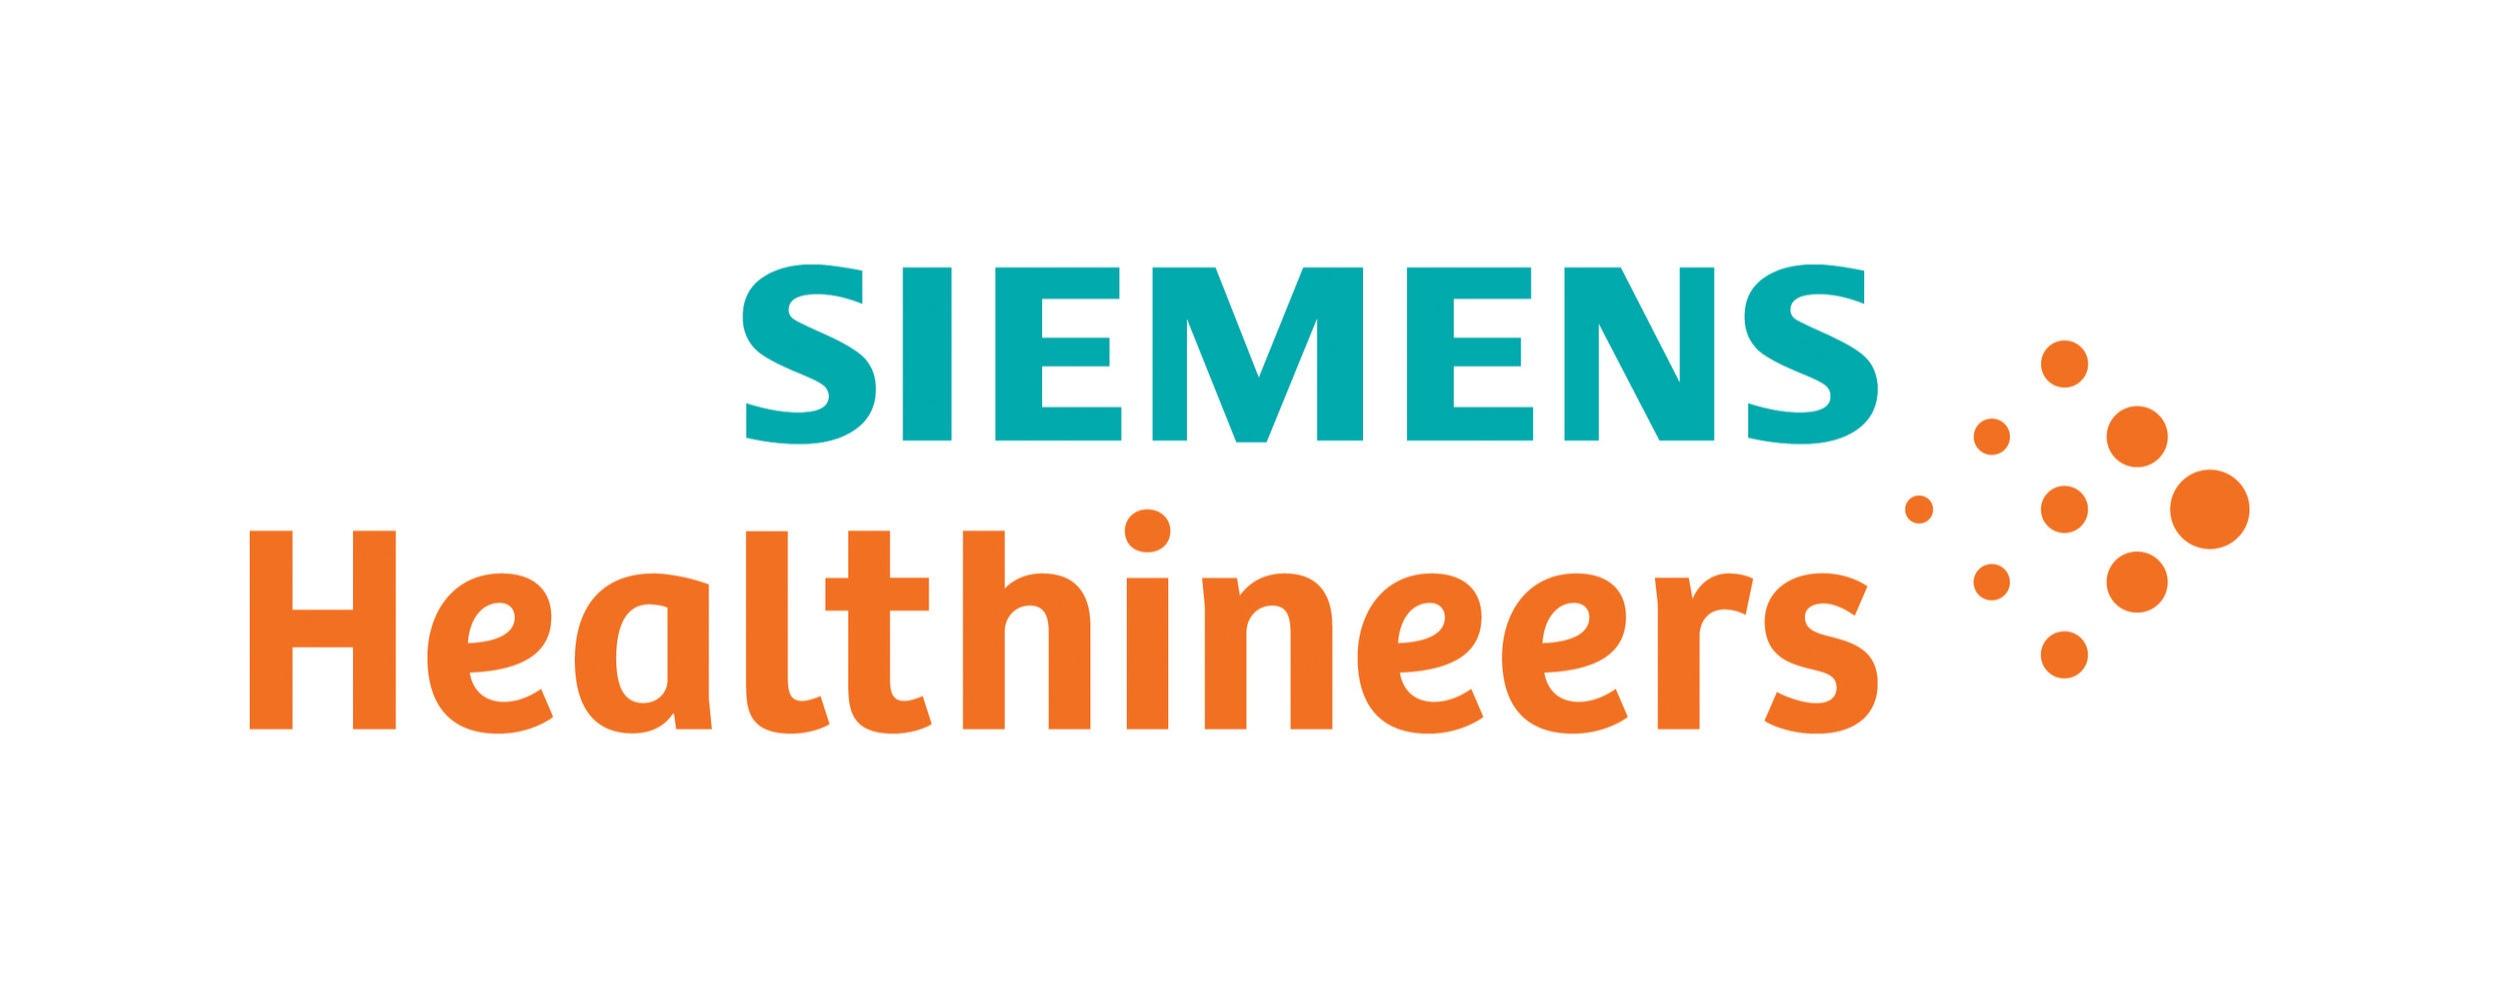 _Siemens_Healthineers_logo.jpg